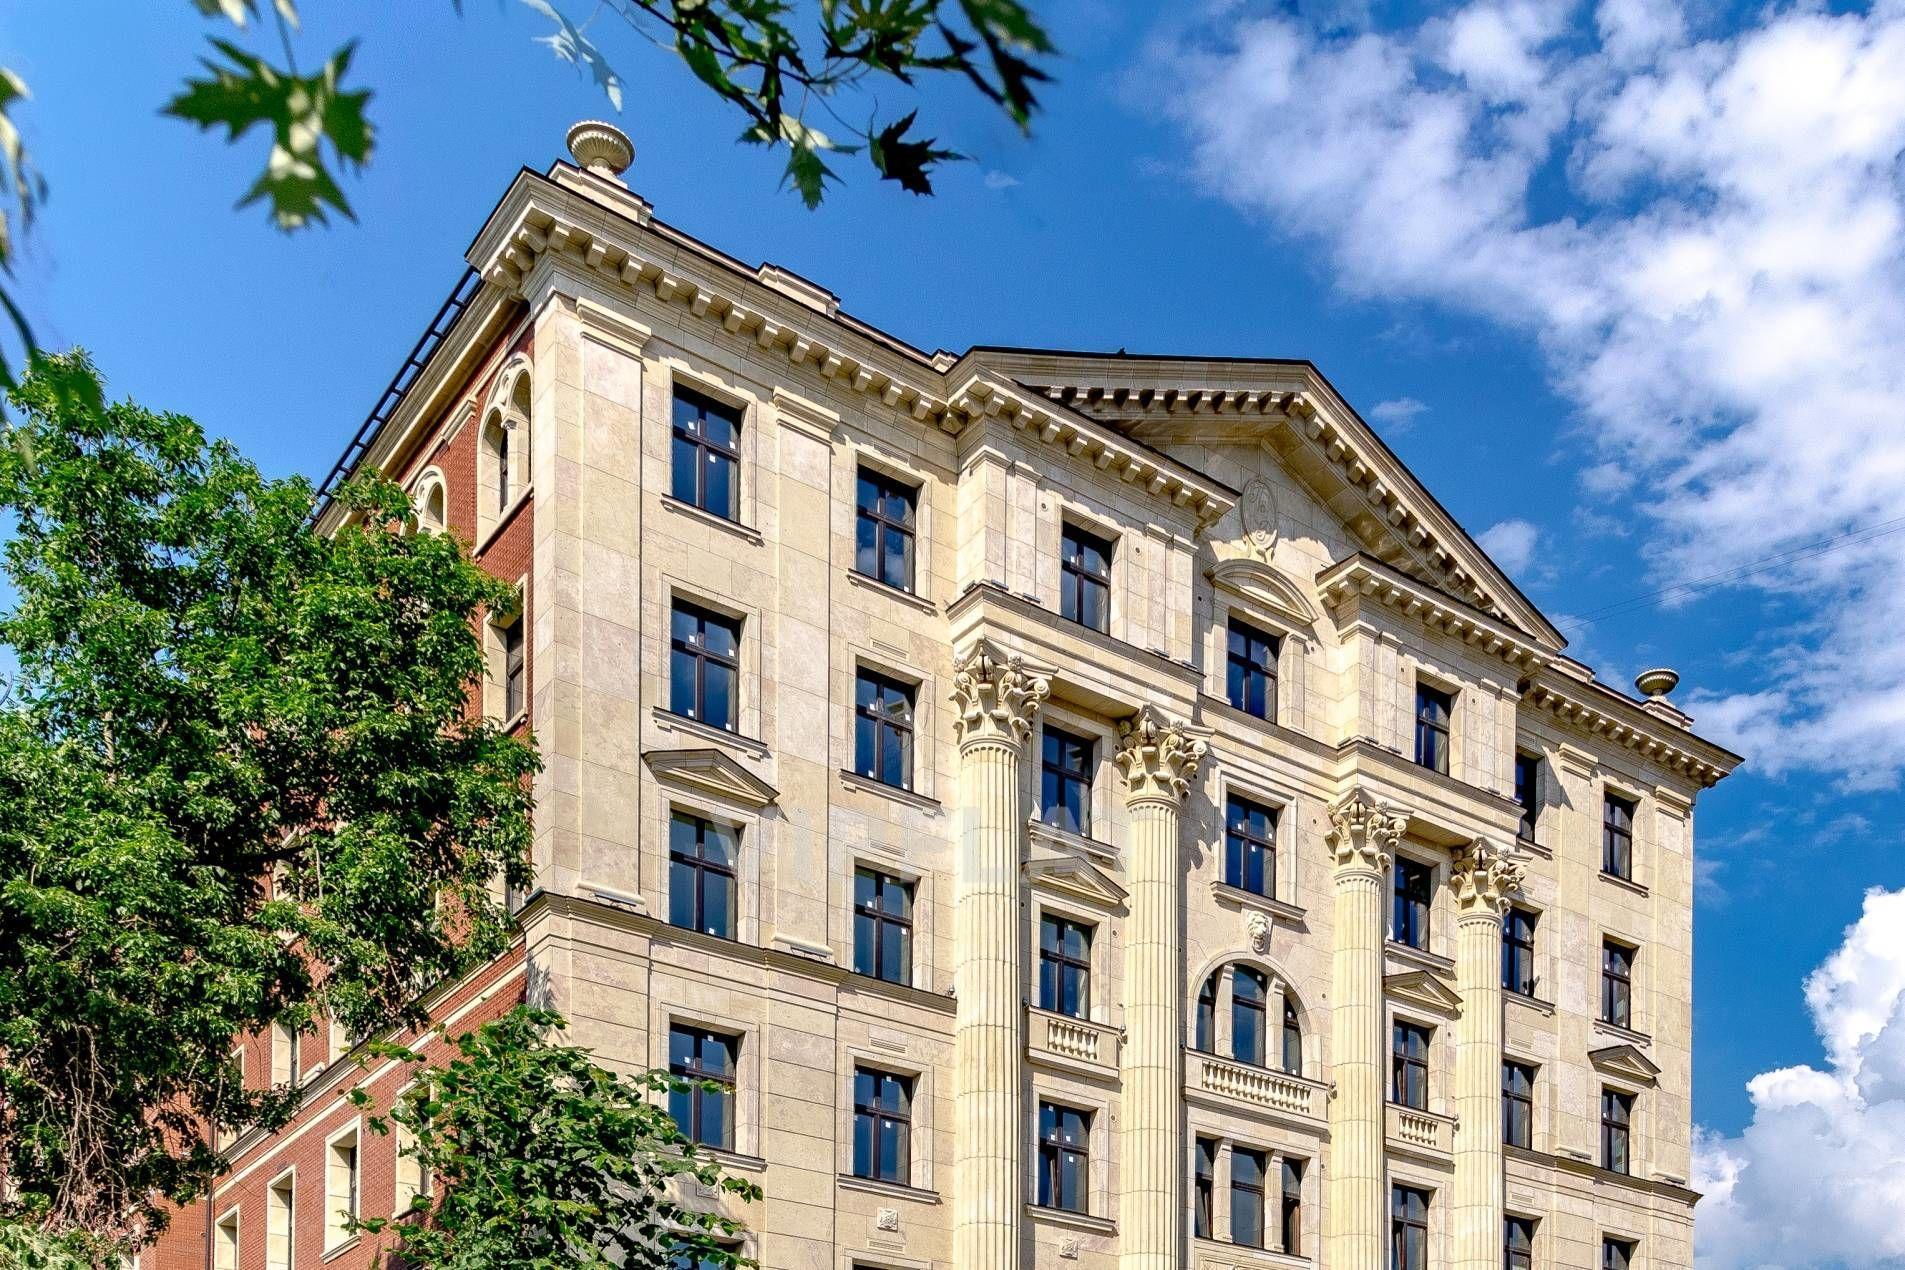 Продажа элитных квартир Санкт-Петербурга. «VERONA» Морской пр., 29  Величественные колонны украшают фасад